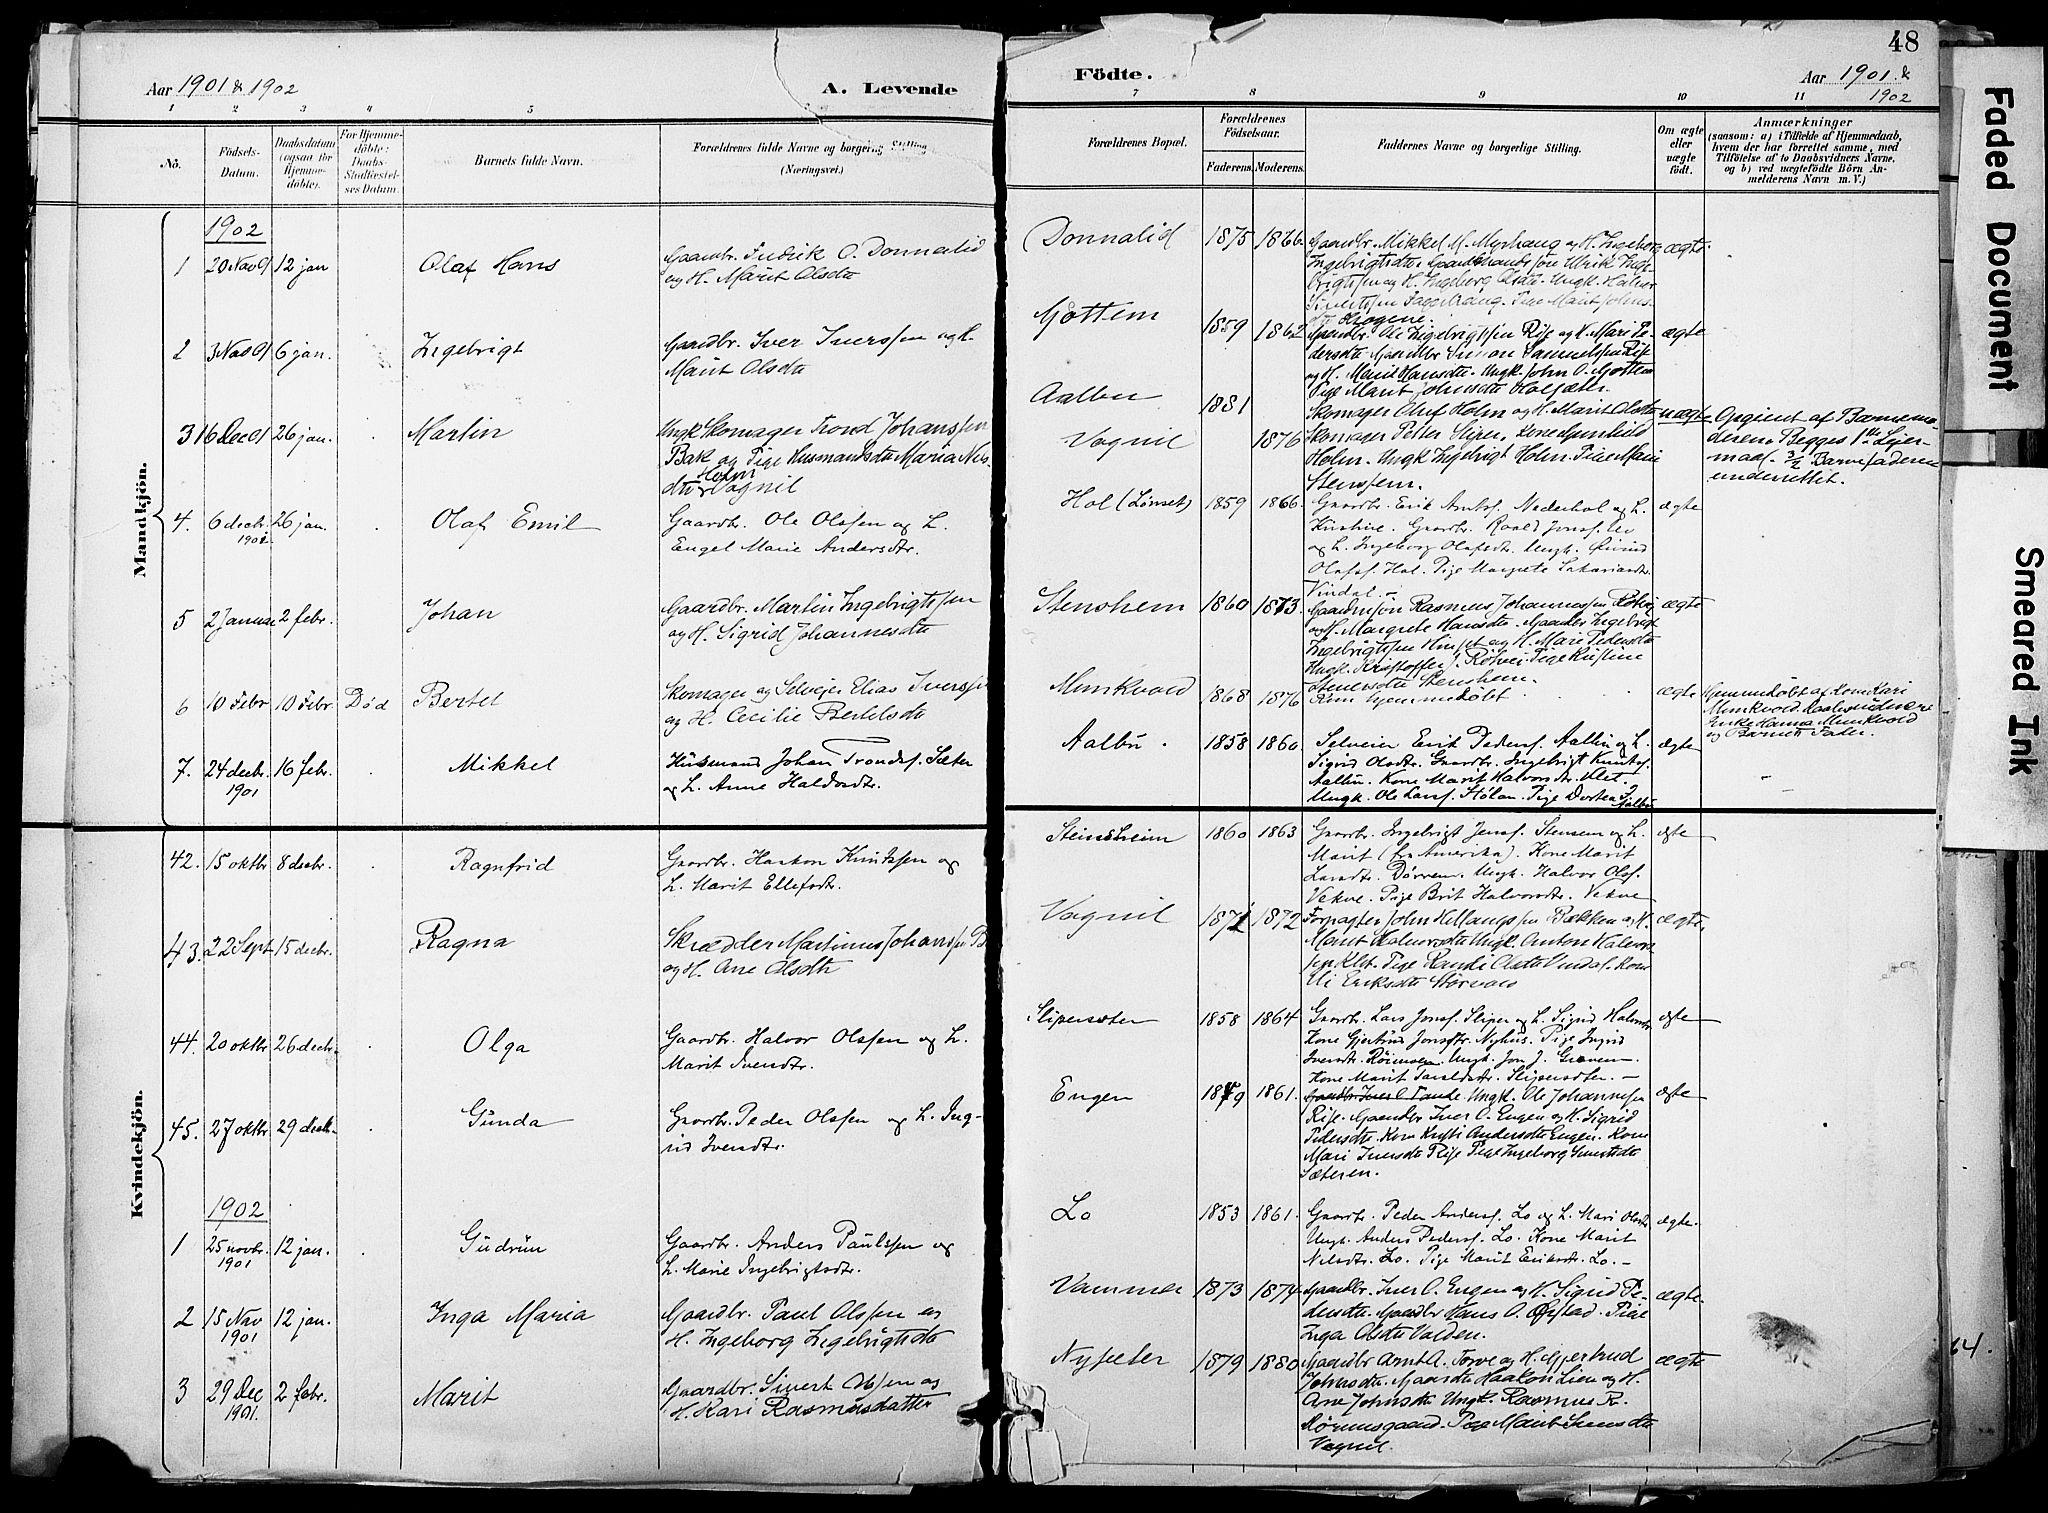 SAT, Ministerialprotokoller, klokkerbøker og fødselsregistre - Sør-Trøndelag, 678/L0902: Ministerialbok nr. 678A11, 1895-1911, s. 48